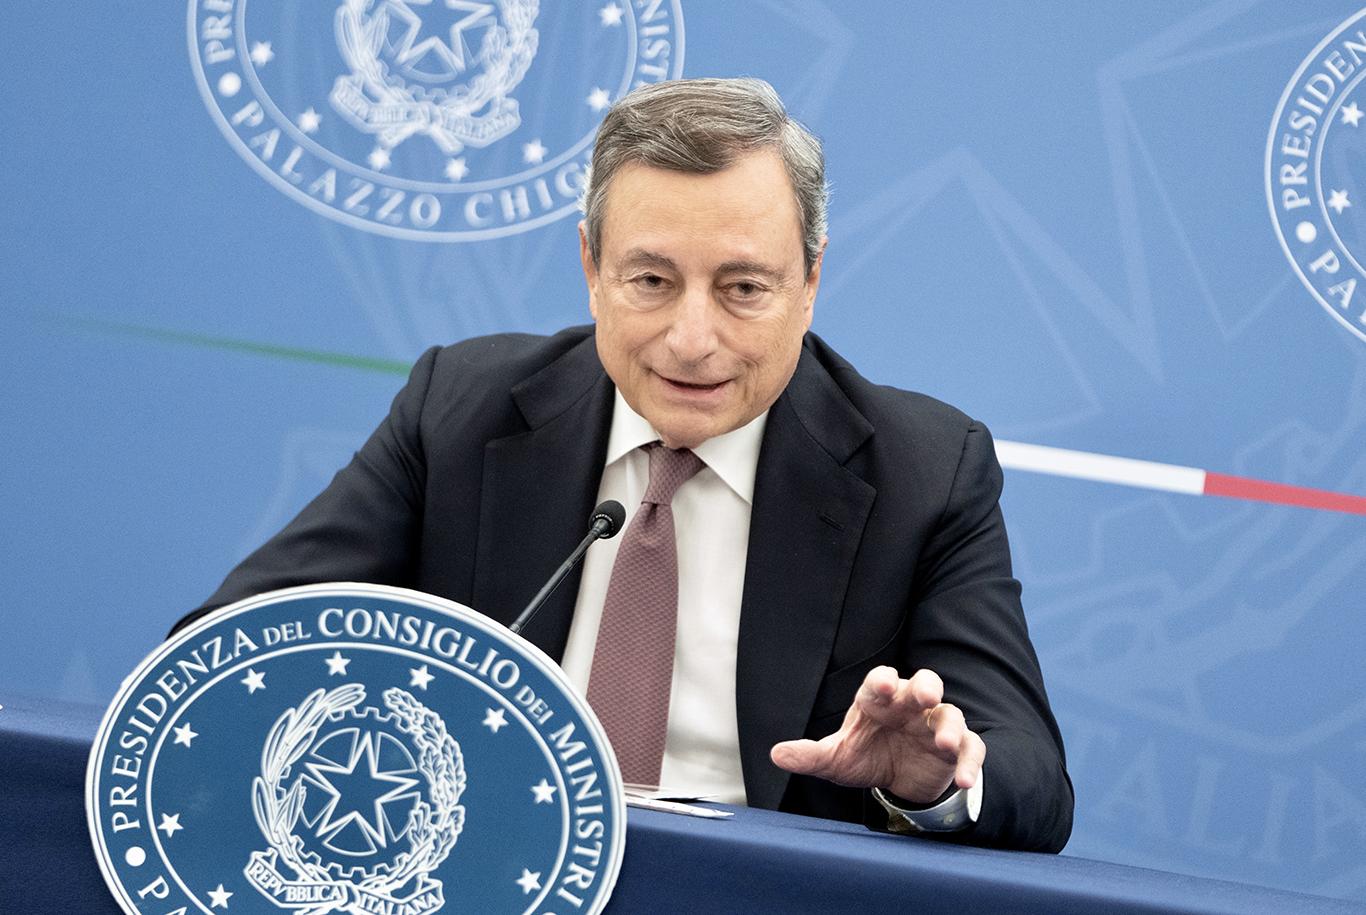 Riforma Fiscale 2021: Catasto, Irpef, Iva, gli obiettivi del Governo Draghi